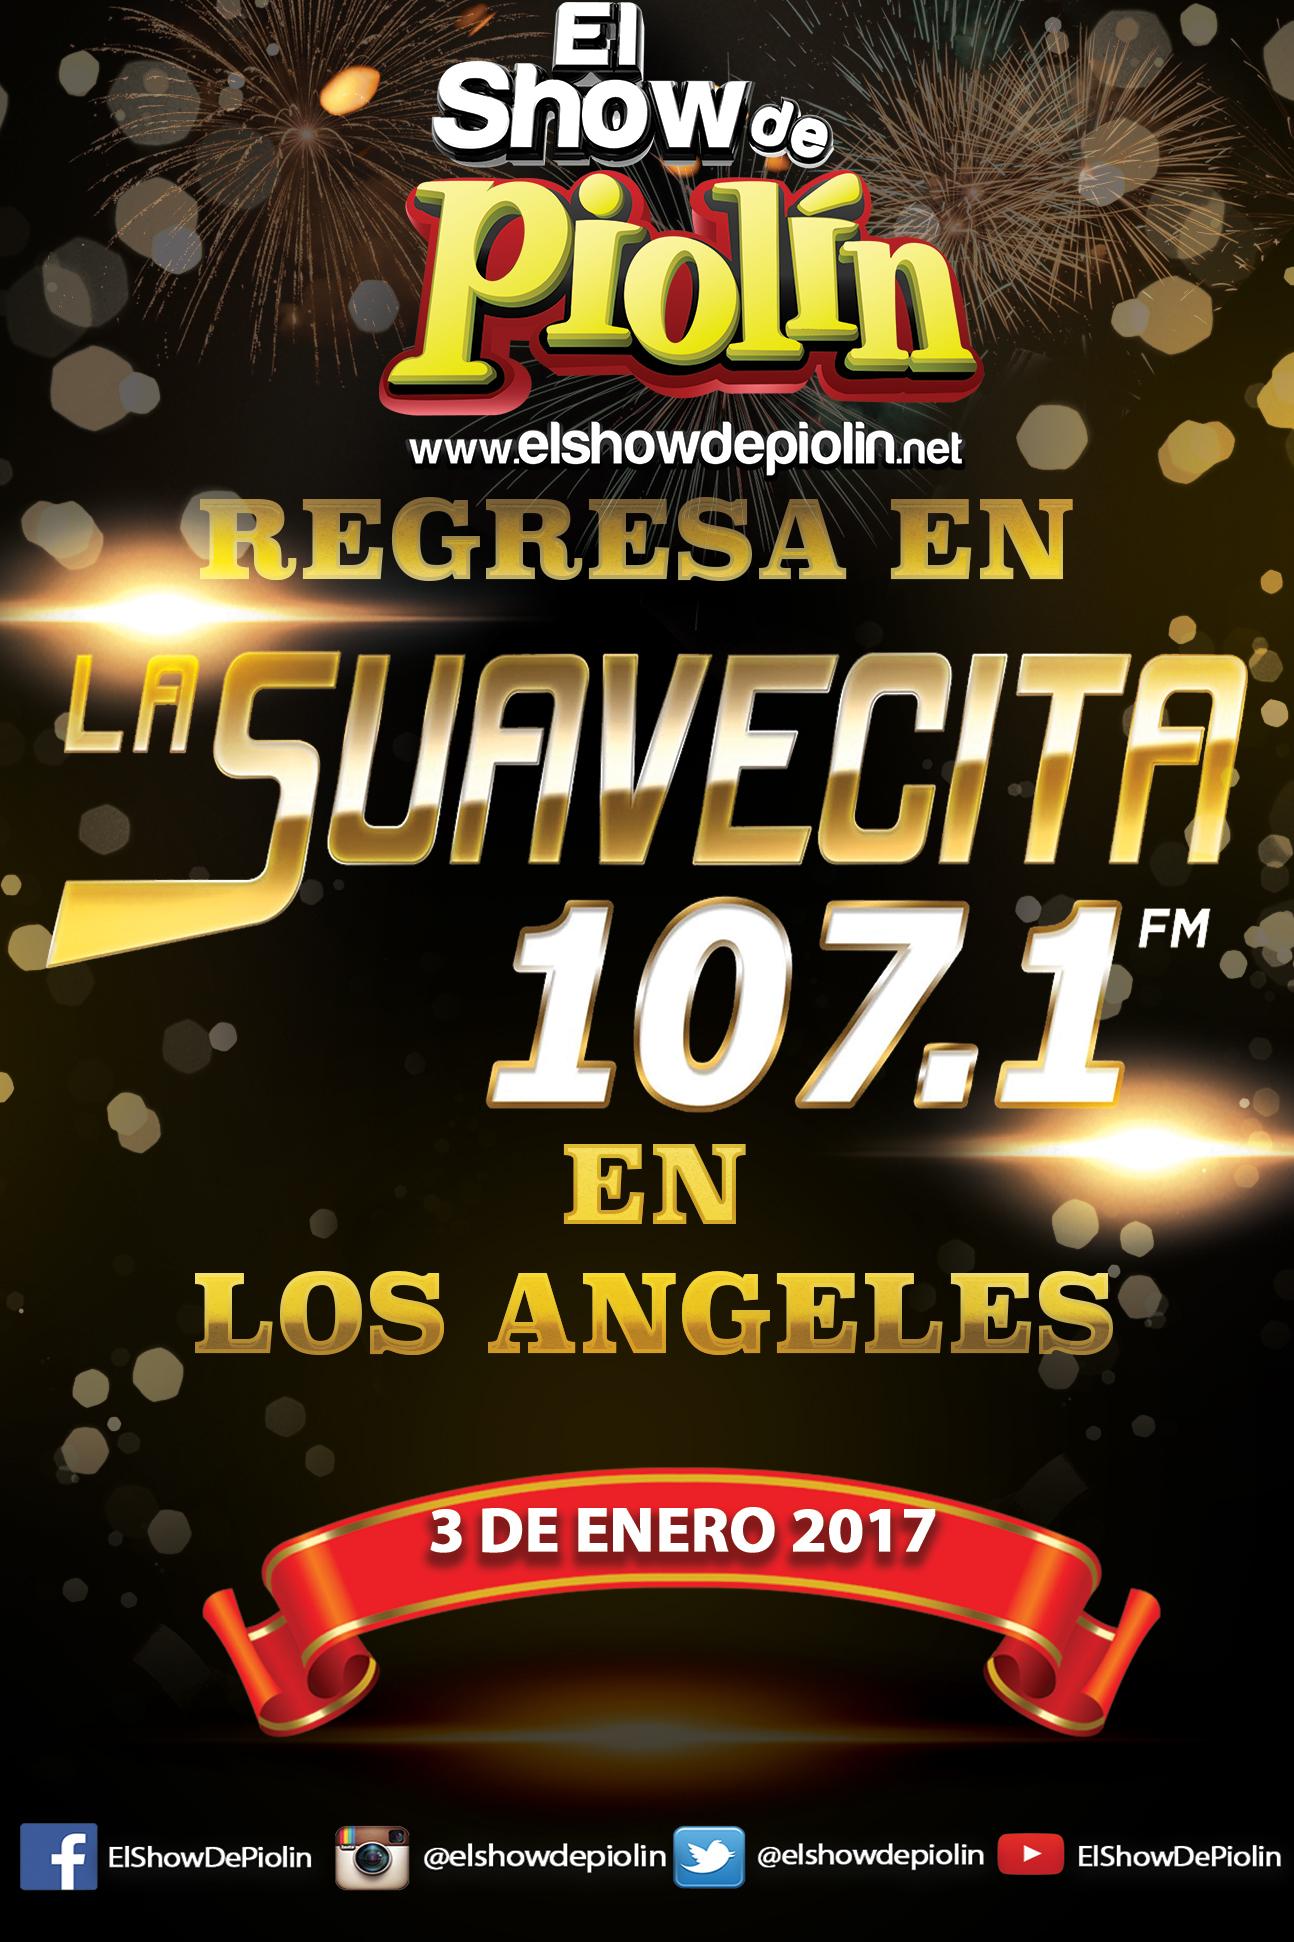 El Show de Piolin Regresa a La Suavecita 107.1!